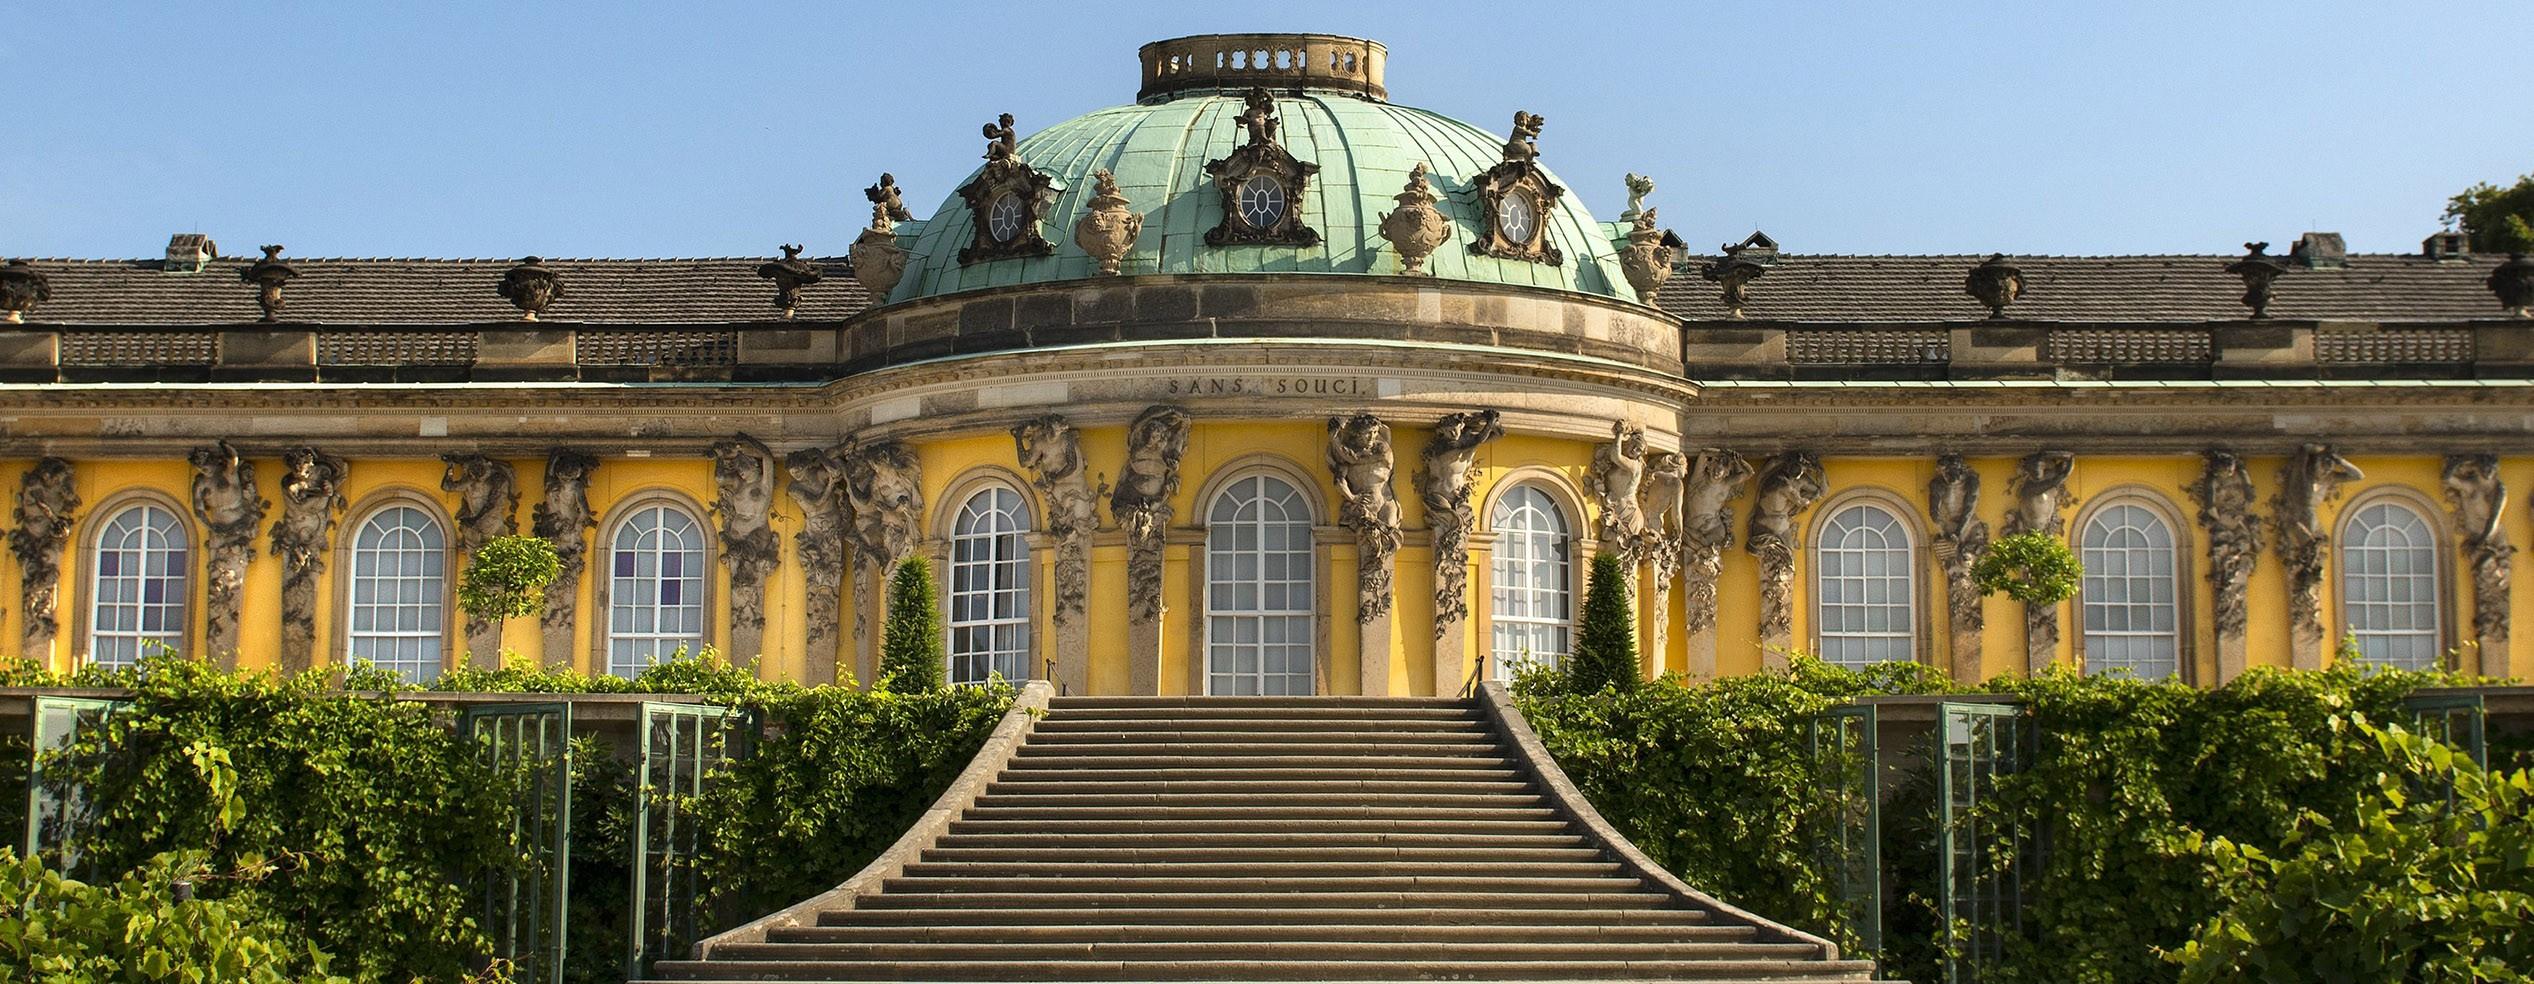 Sanssouci Palace | World Heritage Journeys of Europe